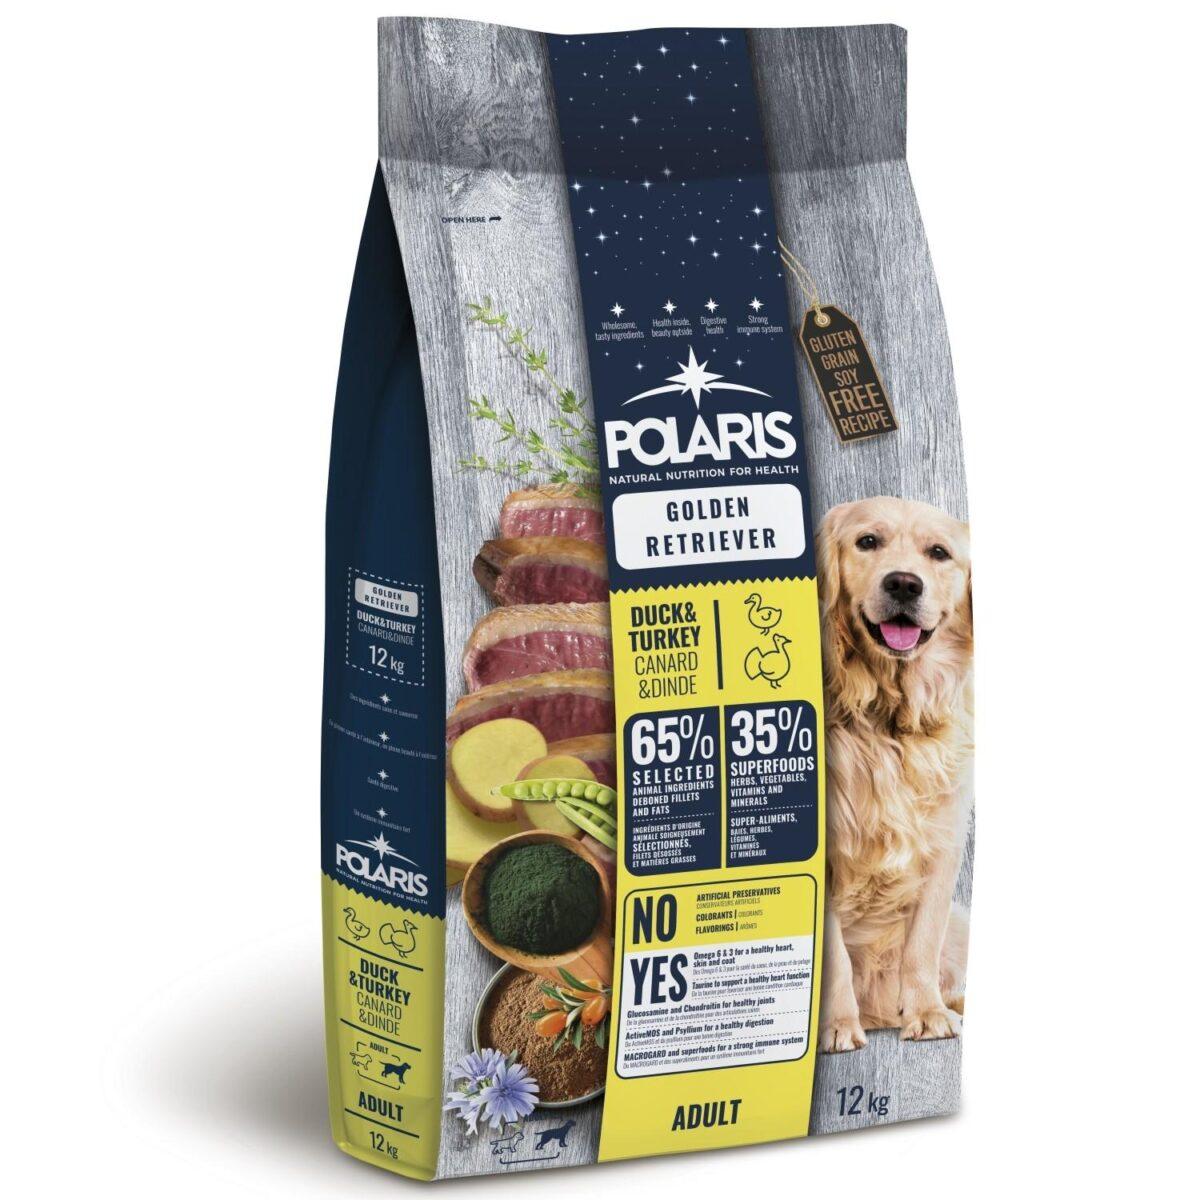 Polaris teraviljavaba täissööt pardi- ja kalkunilihaga kuldsetele retriiveritele 2,5kg